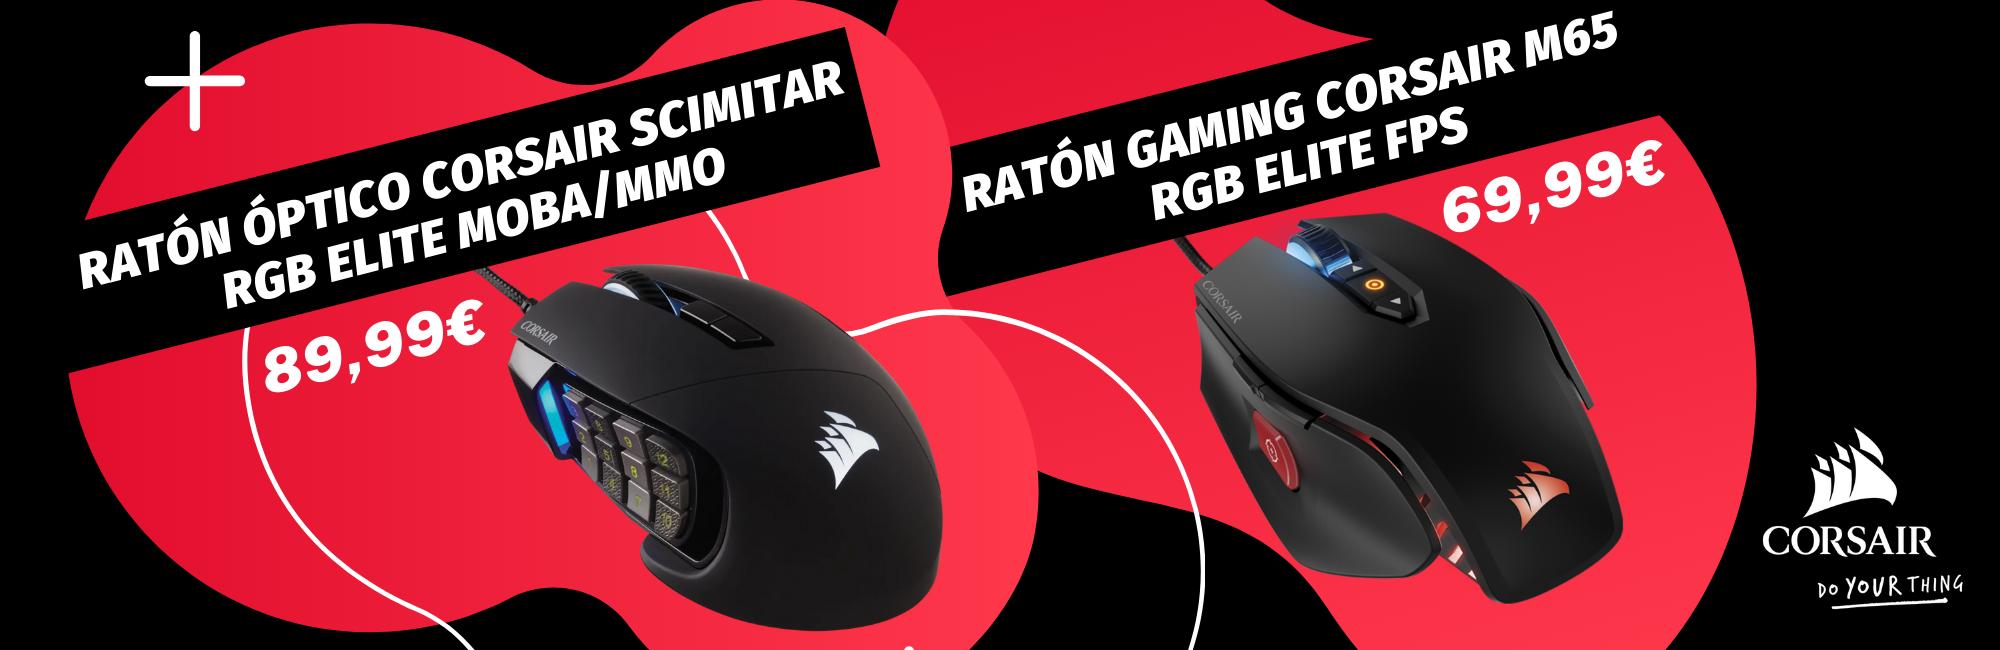 ratones gaming corsair scimitar y m65